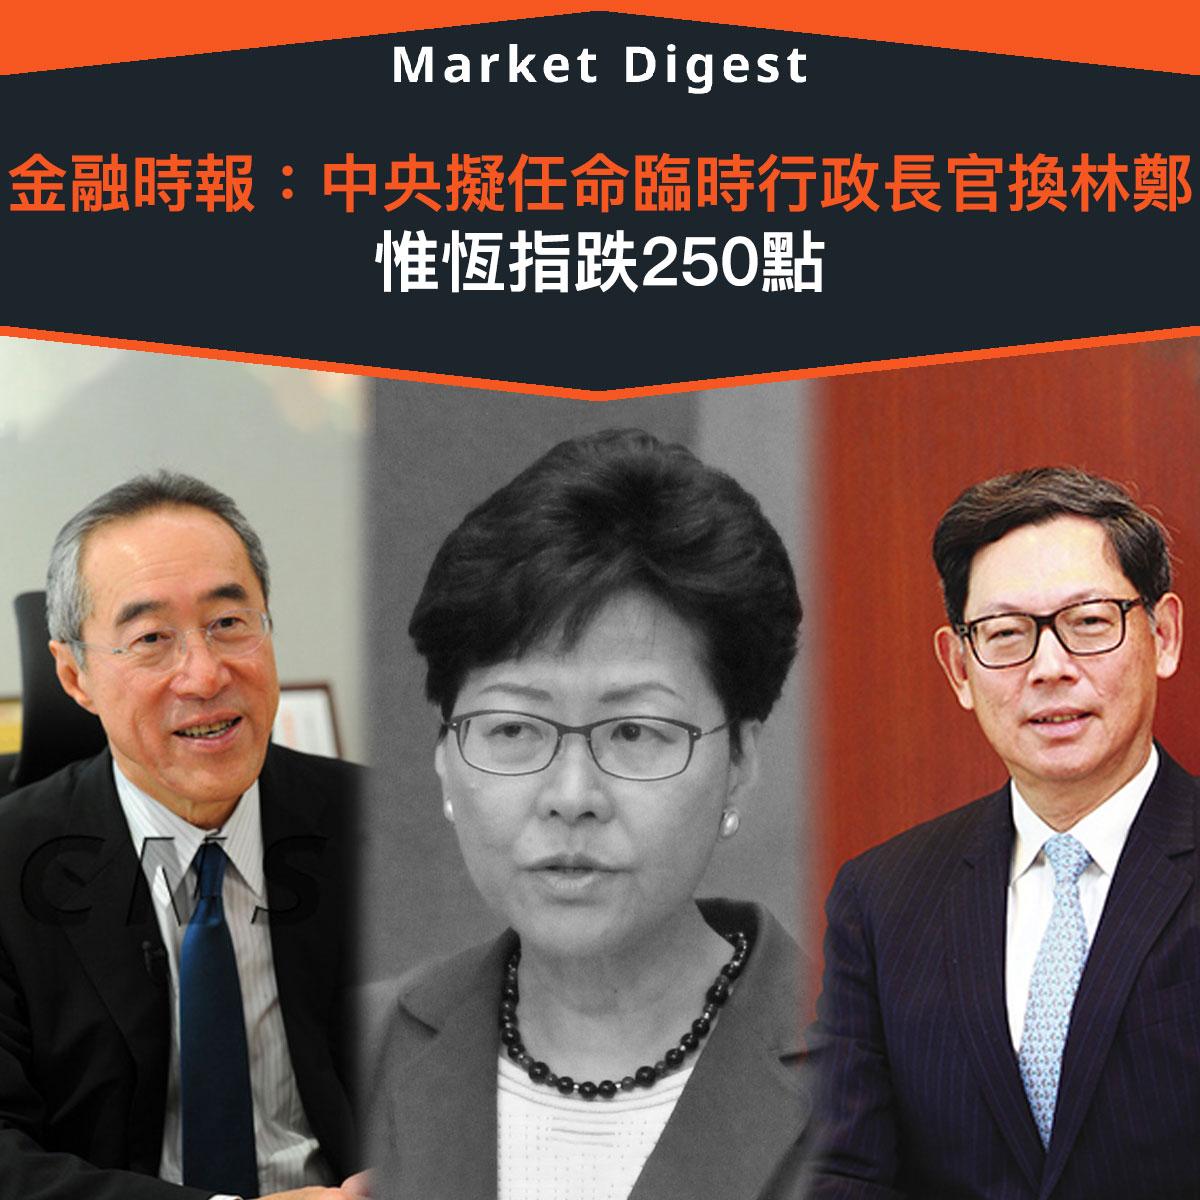 【市場熱話】金融時報:中央擬任命臨時行政長官換林鄭 惟恆指跌250點